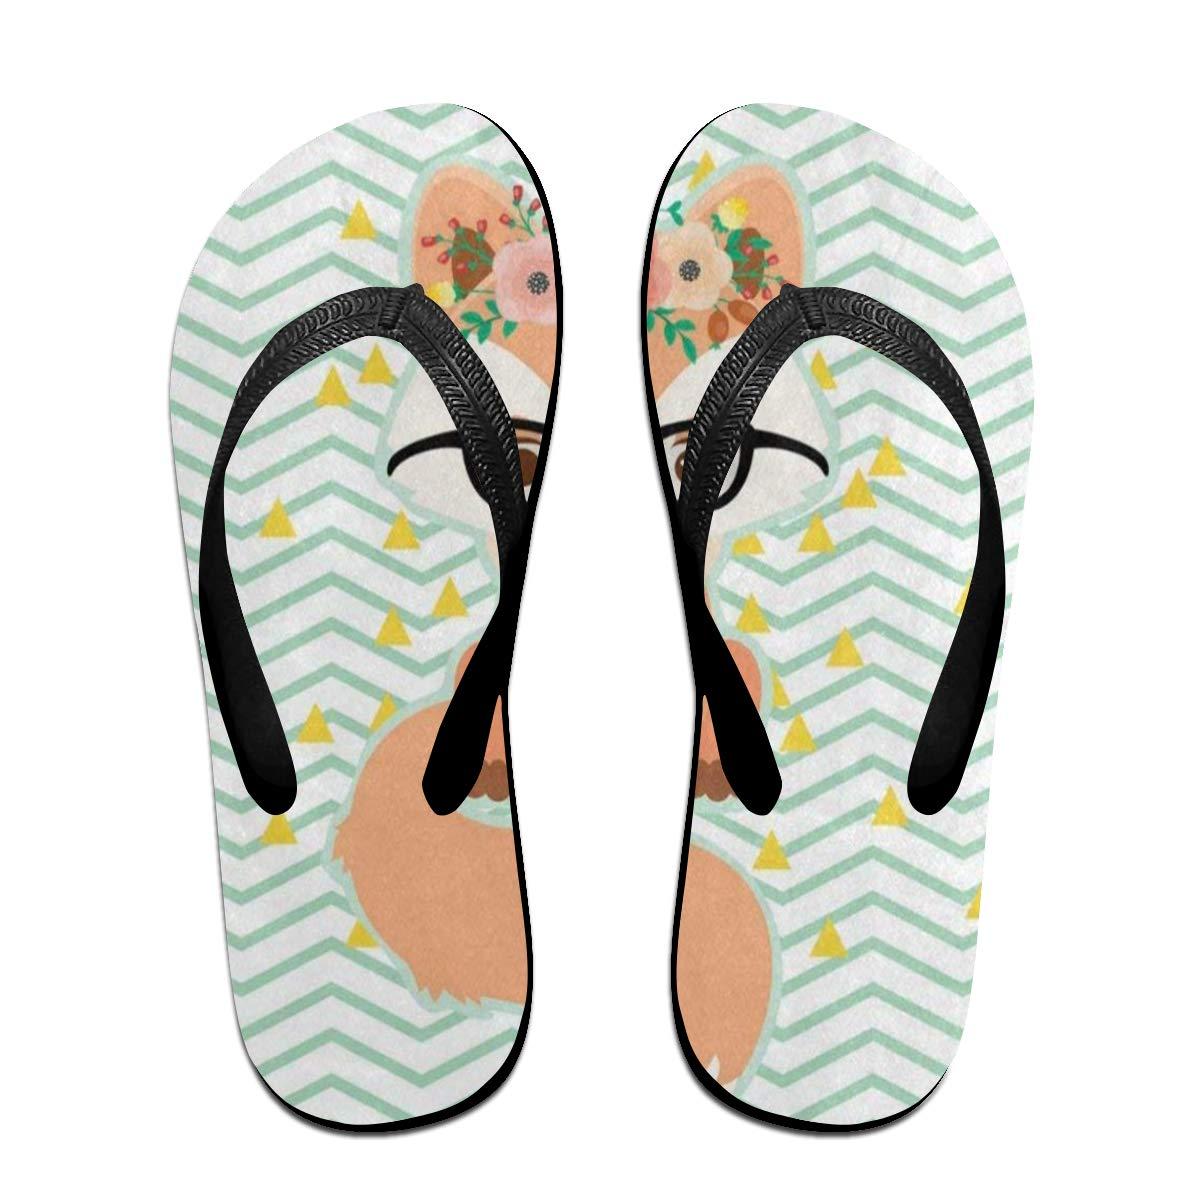 Ladninag Flip Flops Chevron Flower Fox Retro Womens Summer Slippers Brazil Sandals for Teen